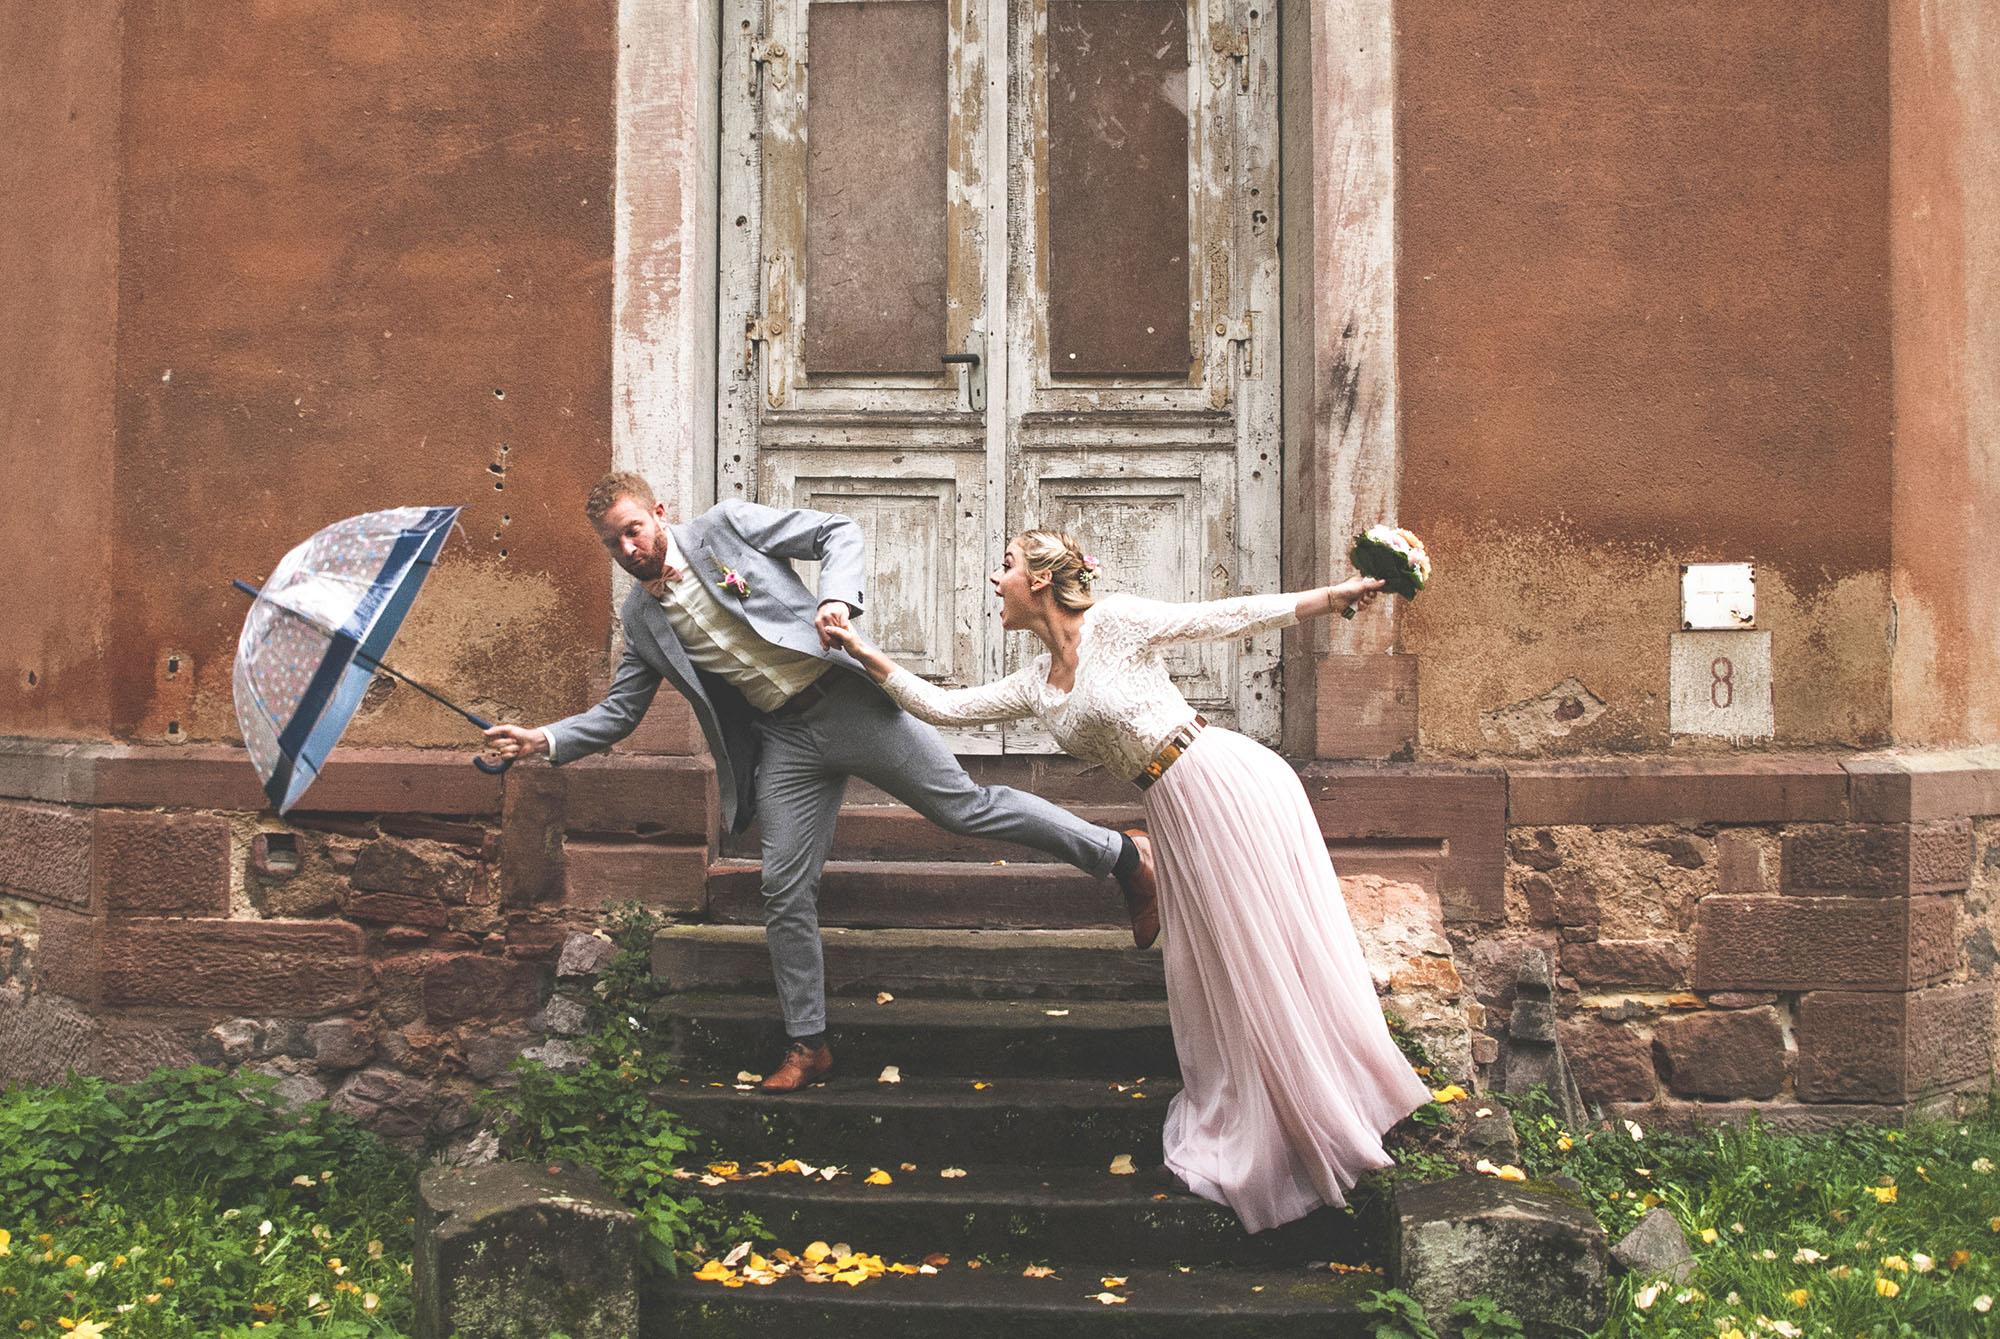 Spaßfoto Brautpaar mit Schirm im Regen